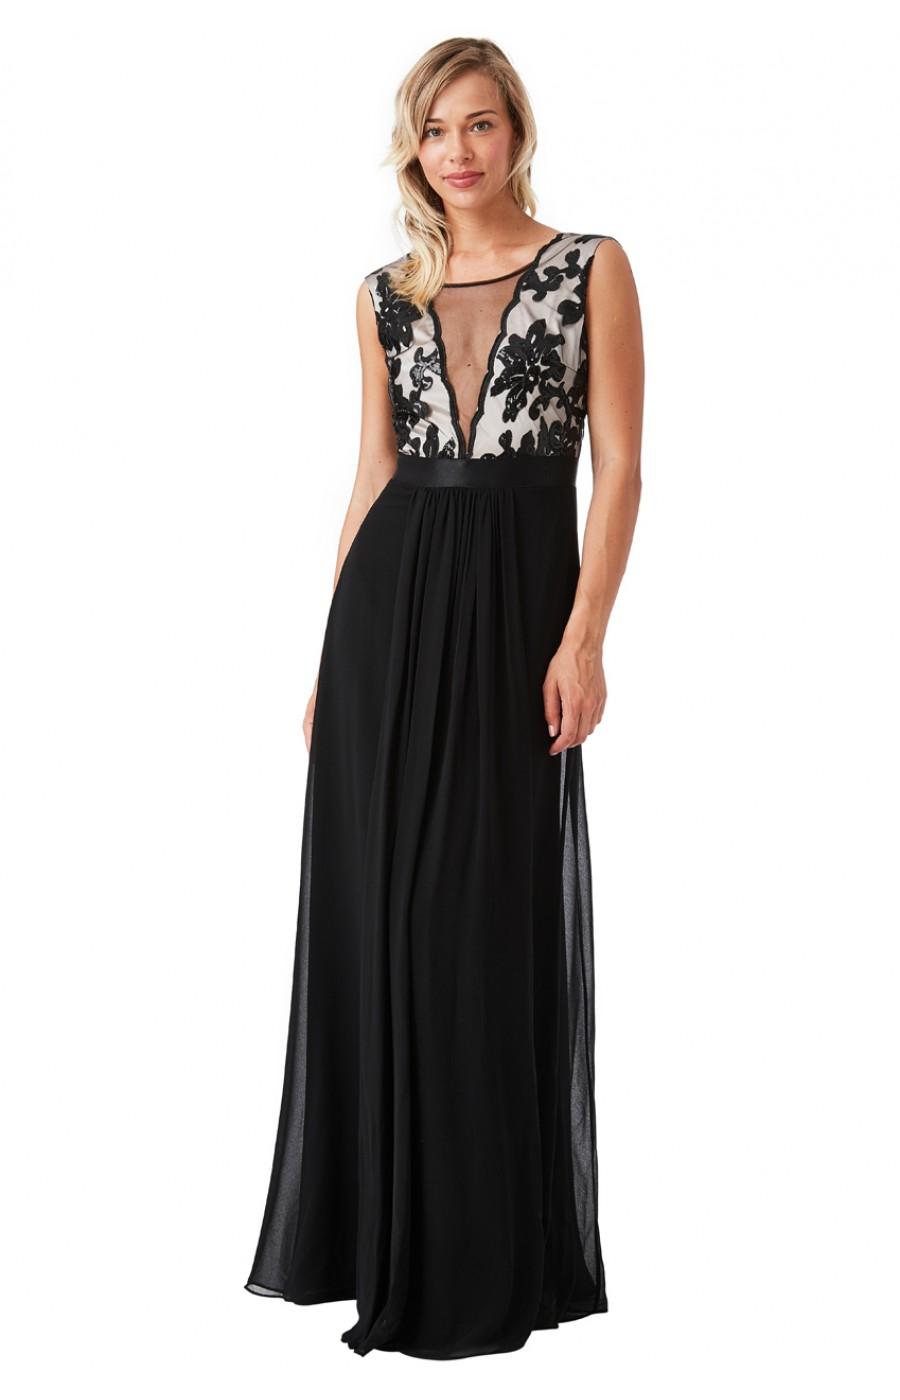 Σιφόν μακρύ φόρεμα με διαφάνεια μπροστά